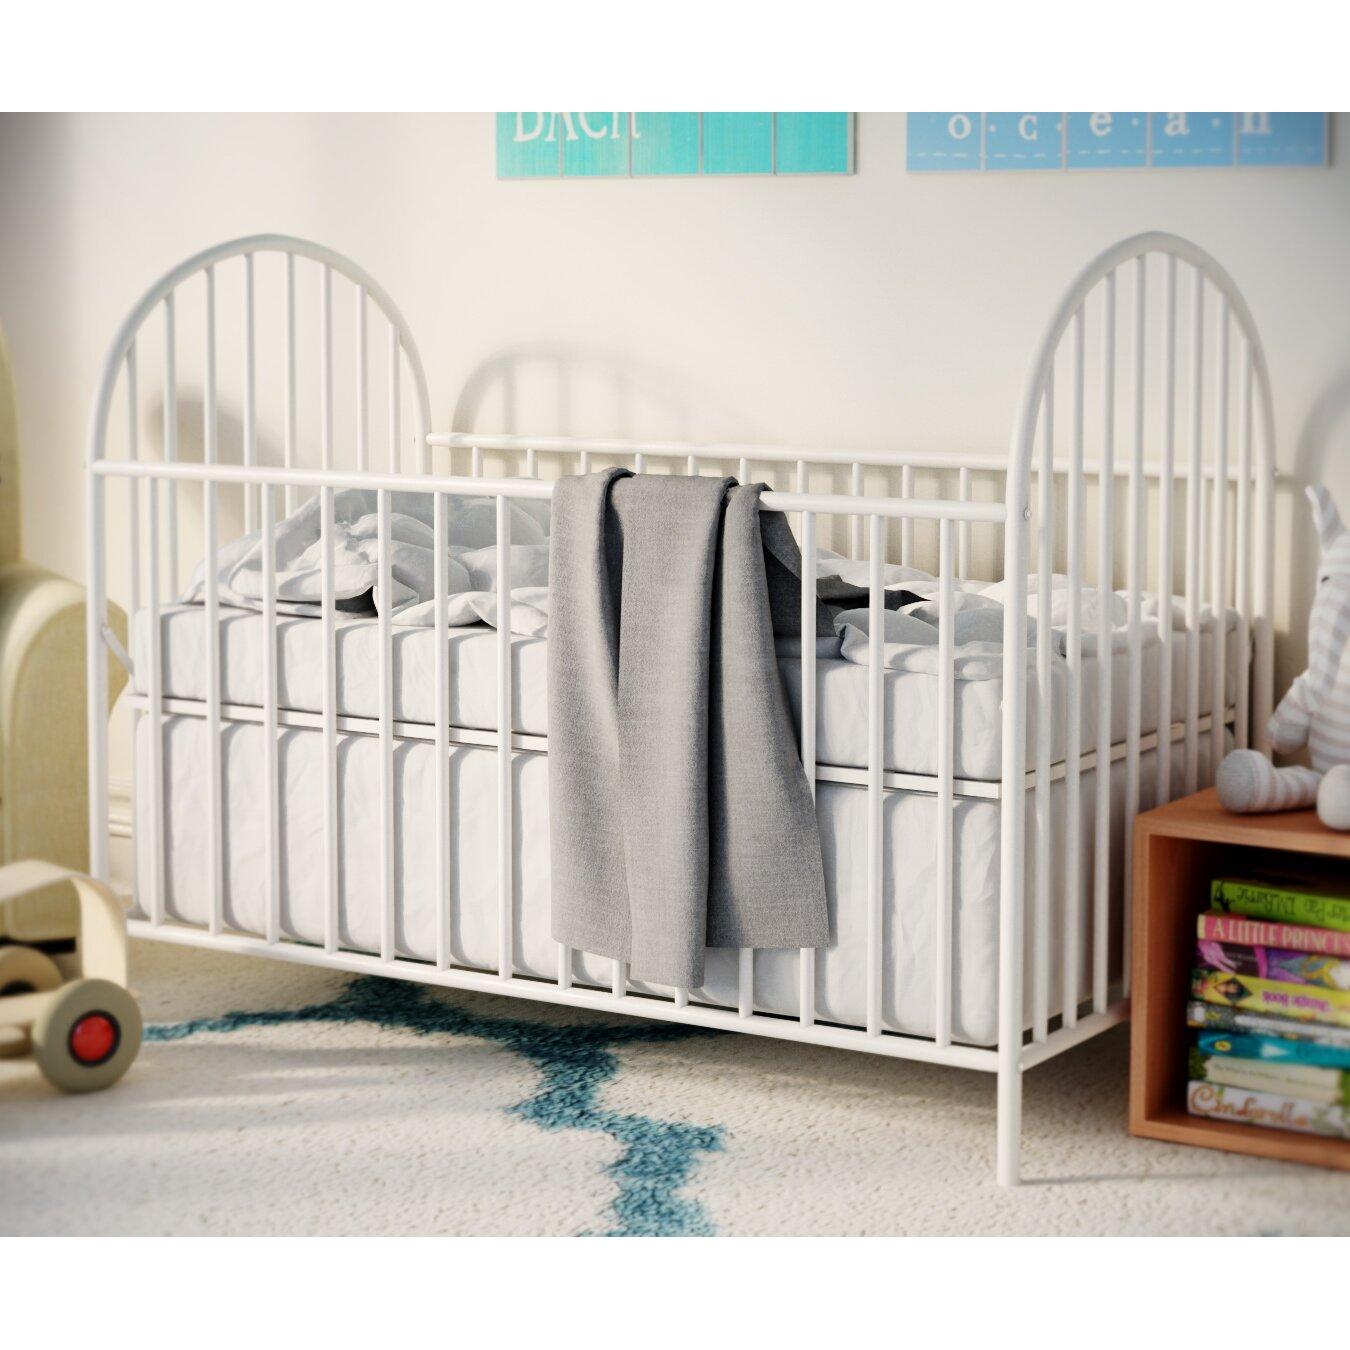 Crib for sale charleston sc - Viv Rae Trade Brooke Crib